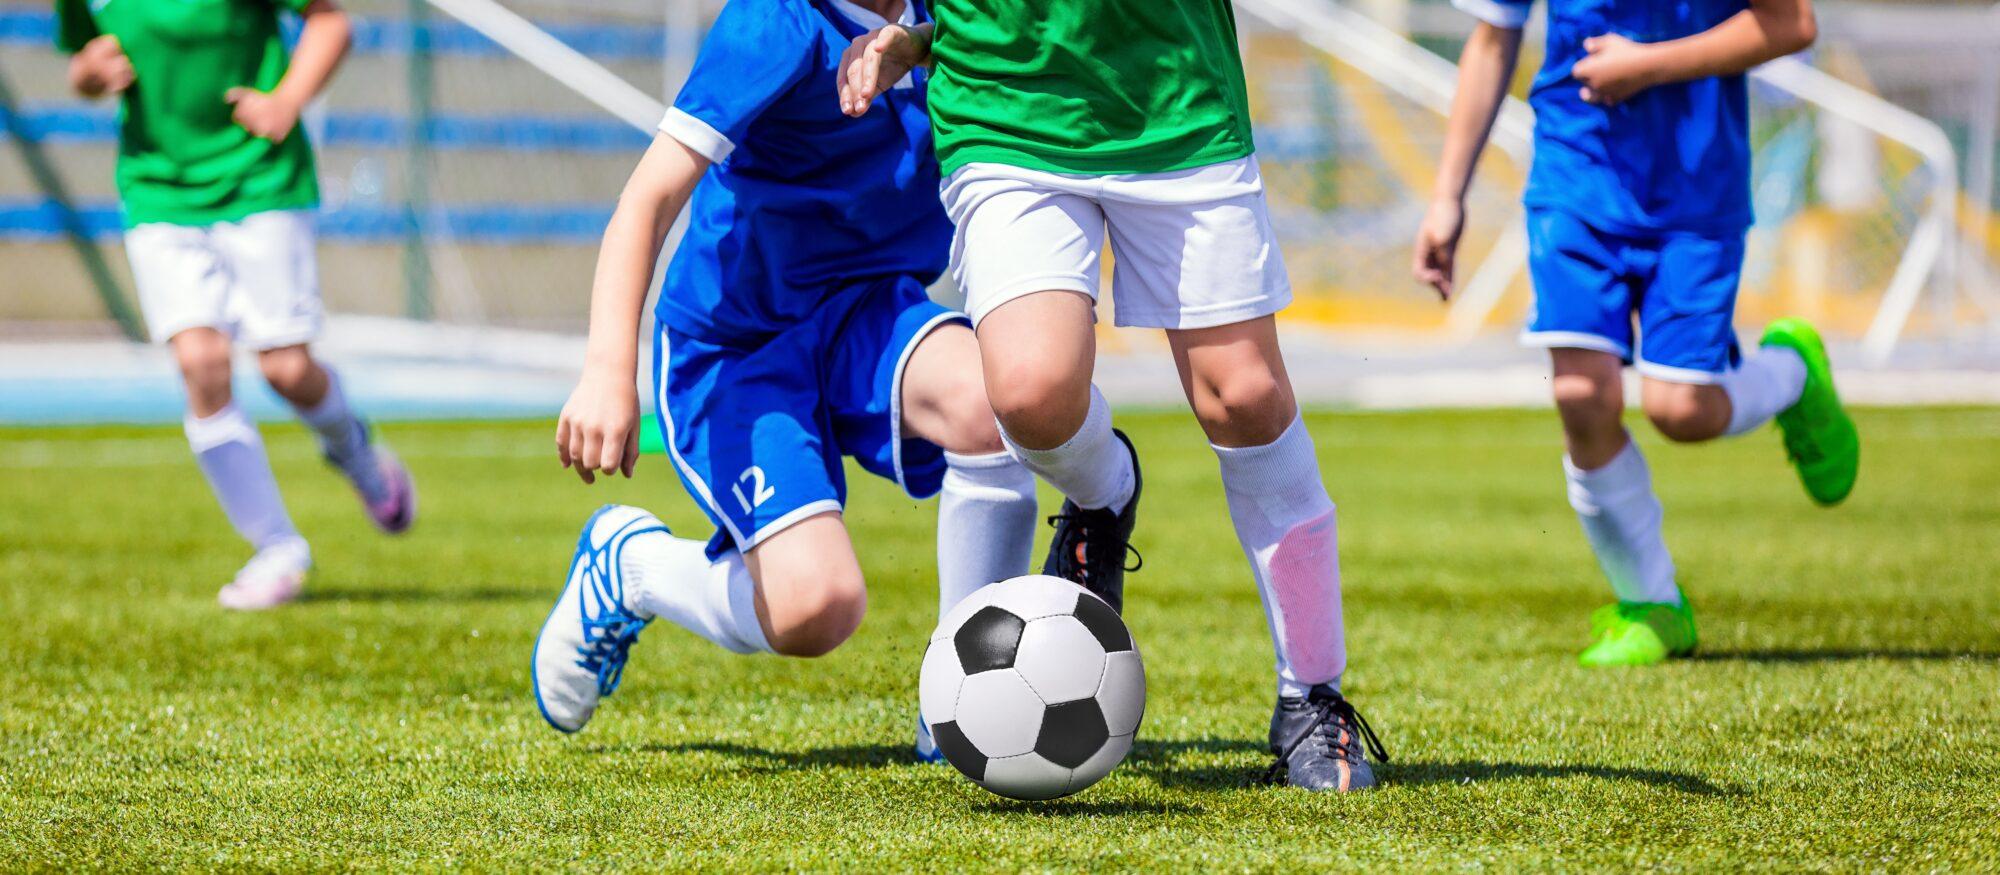 Deventer sportaccommodaties op weg naar een rookvrije toekomst